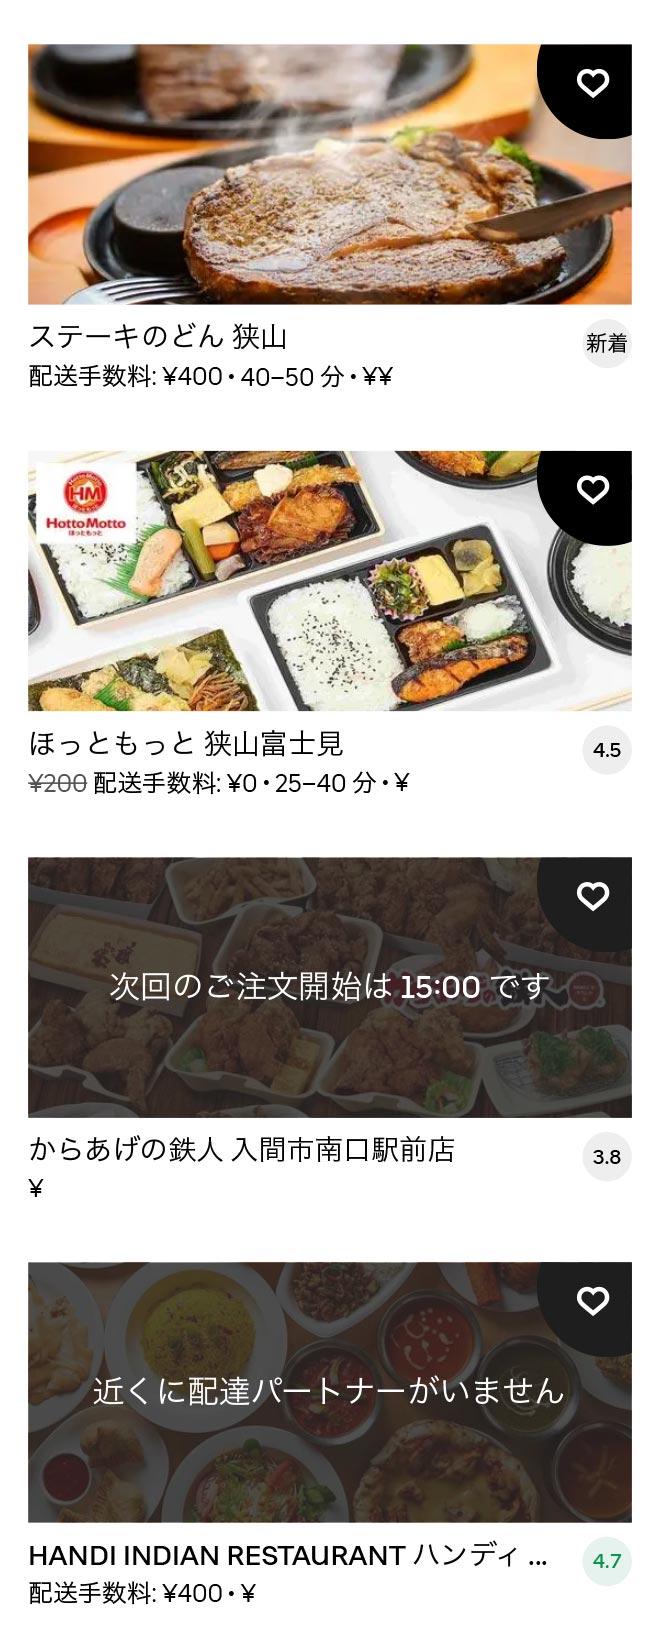 Sayama menu 2102 10